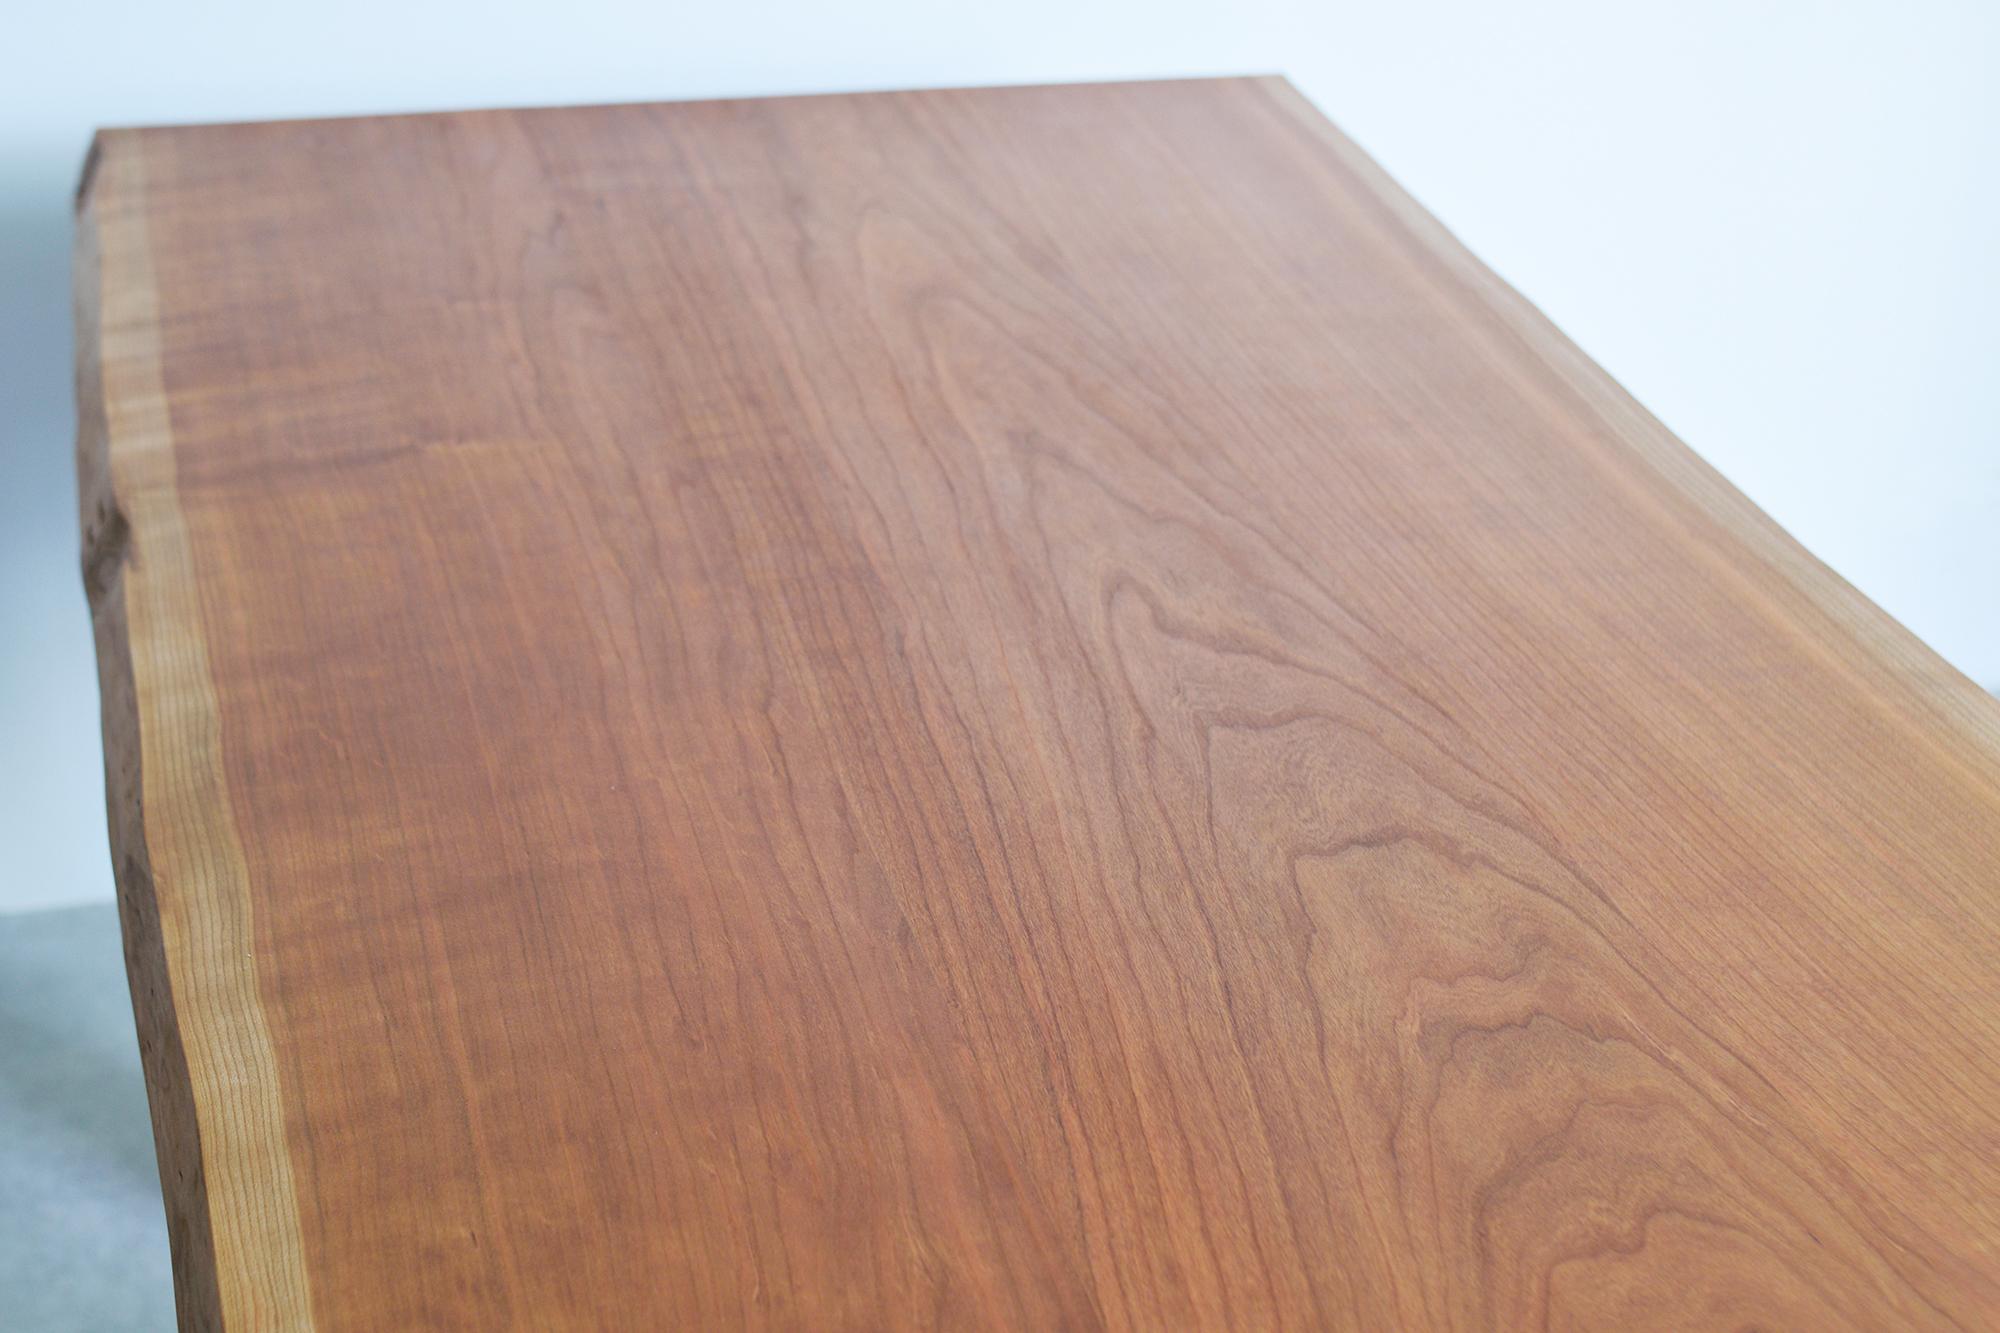 板目から柾目へ、木目のつながりを考えて接ぎ合わせた三枚接ぎ、一部にさざなみ状の杢があらわれています